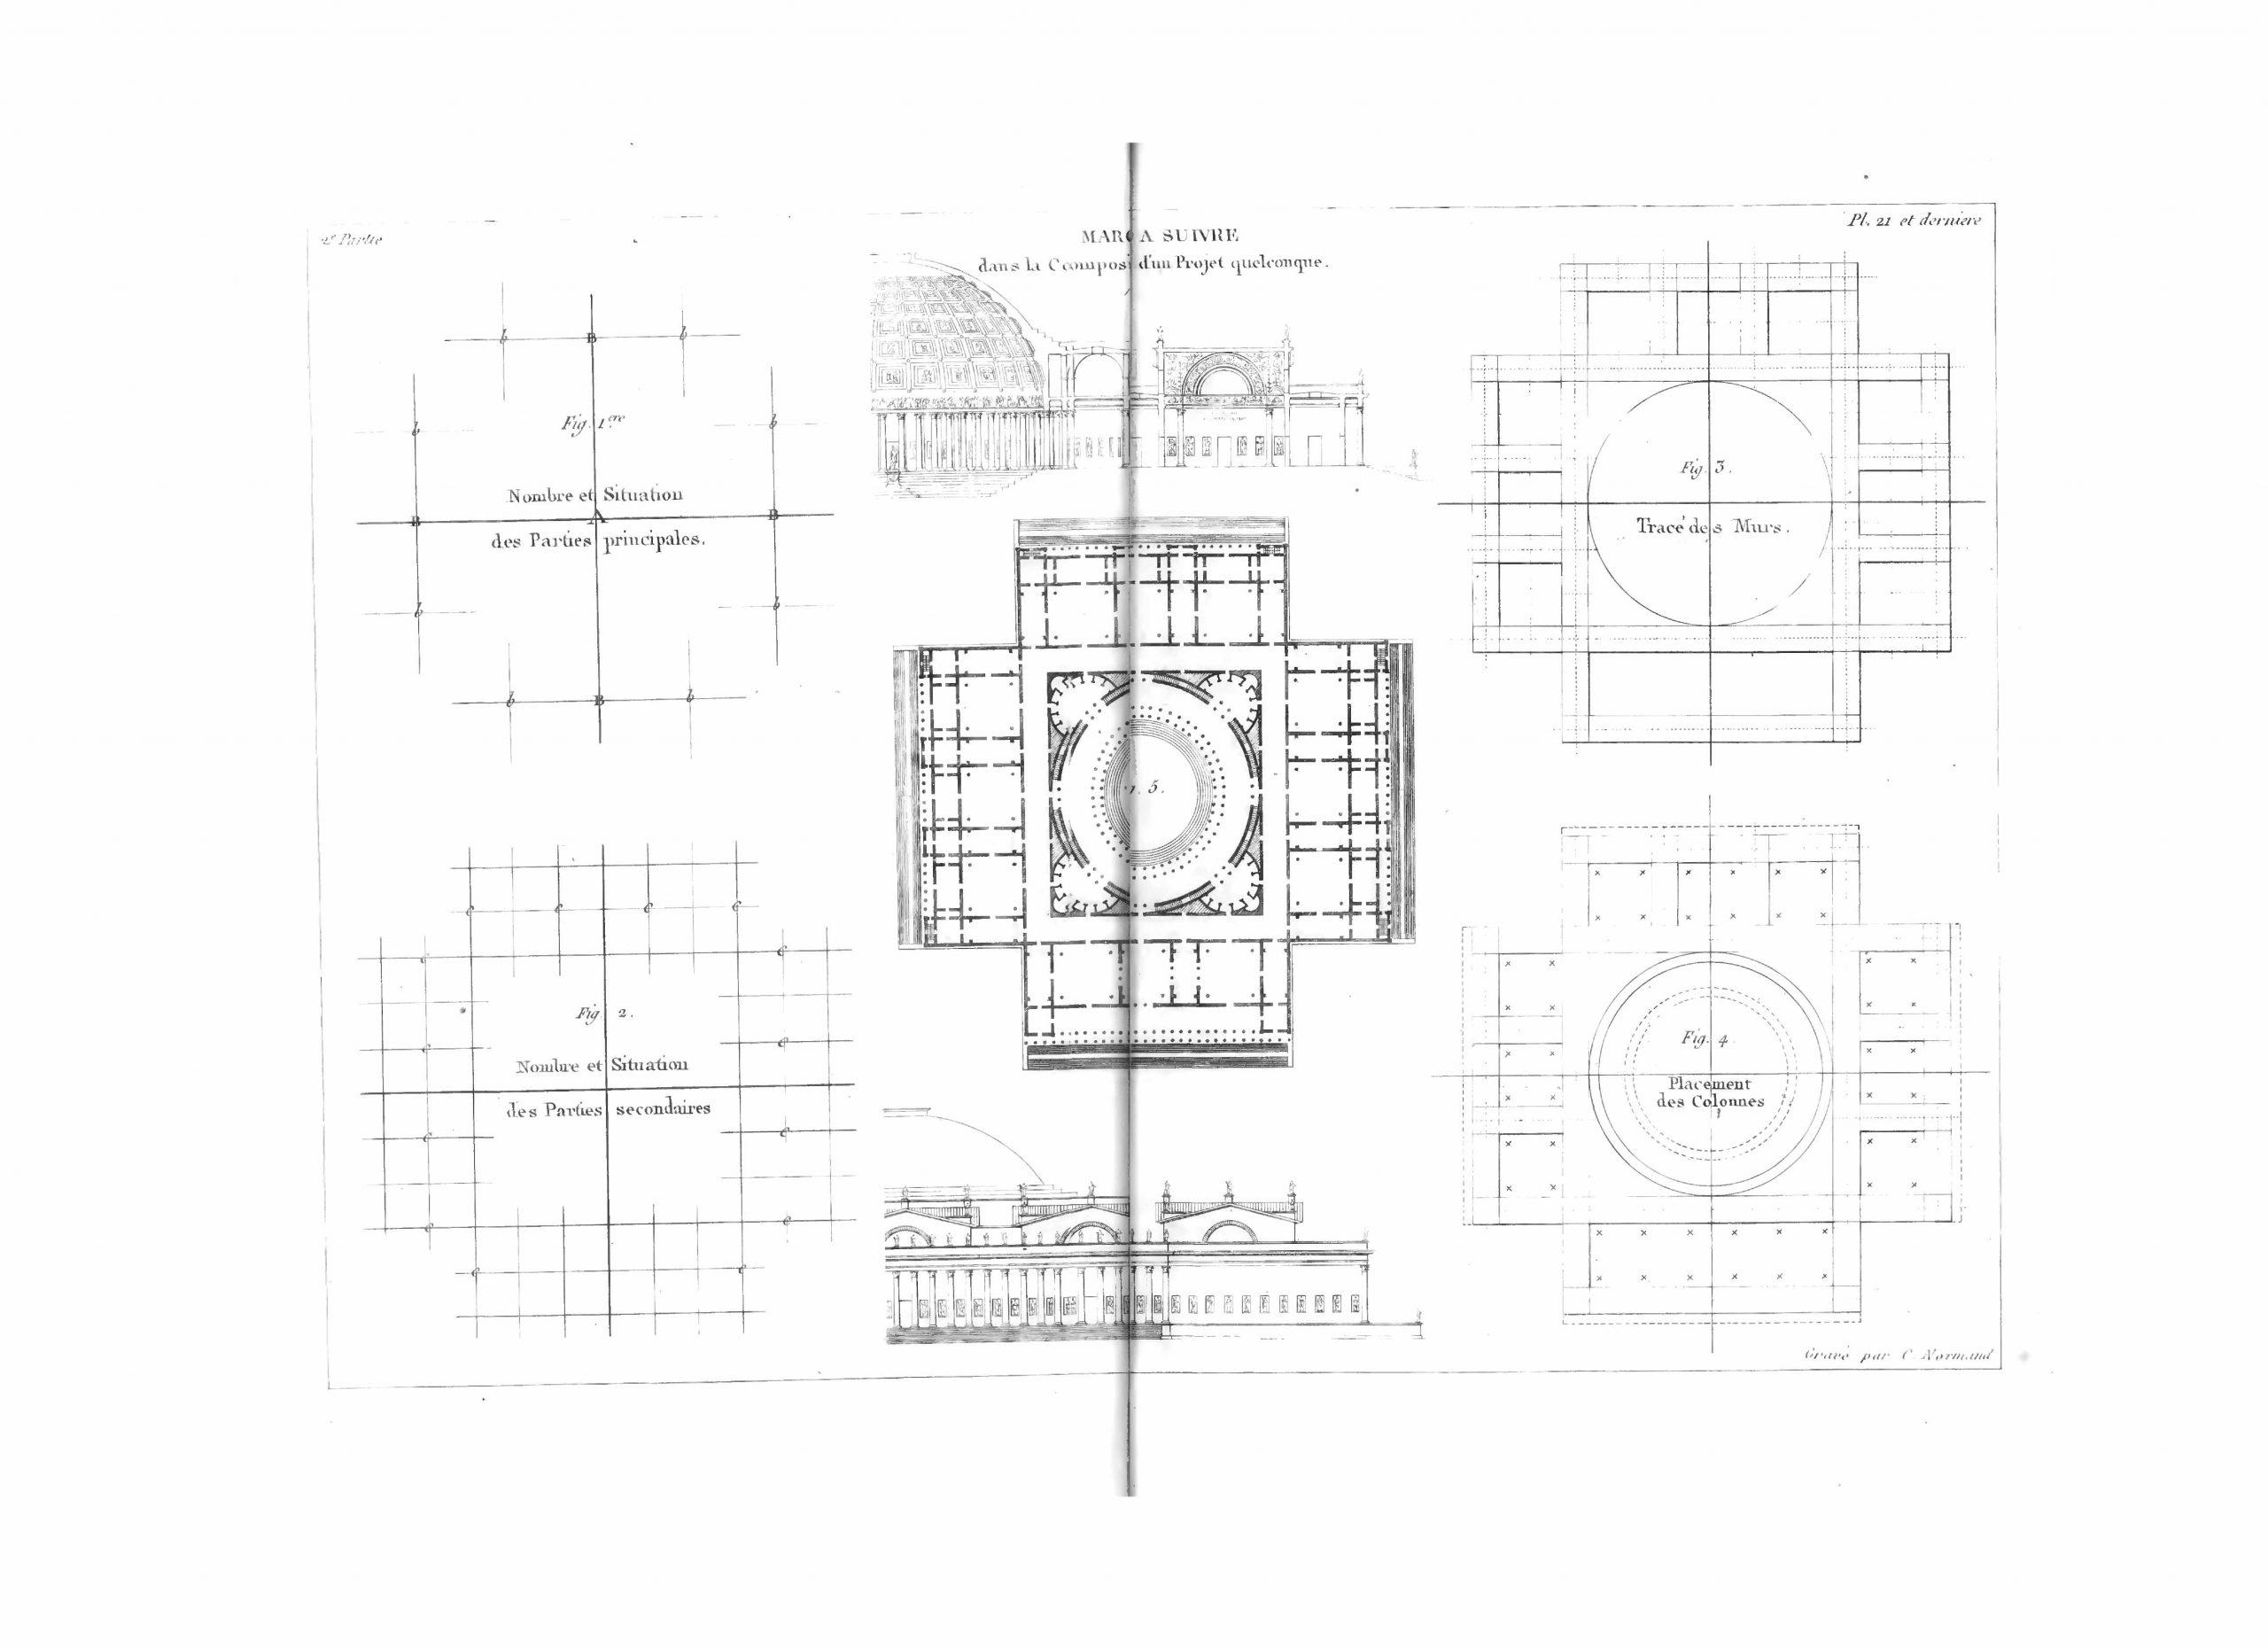 Jean-Nicolas-Louis Durand Précis des leçons d'architecture